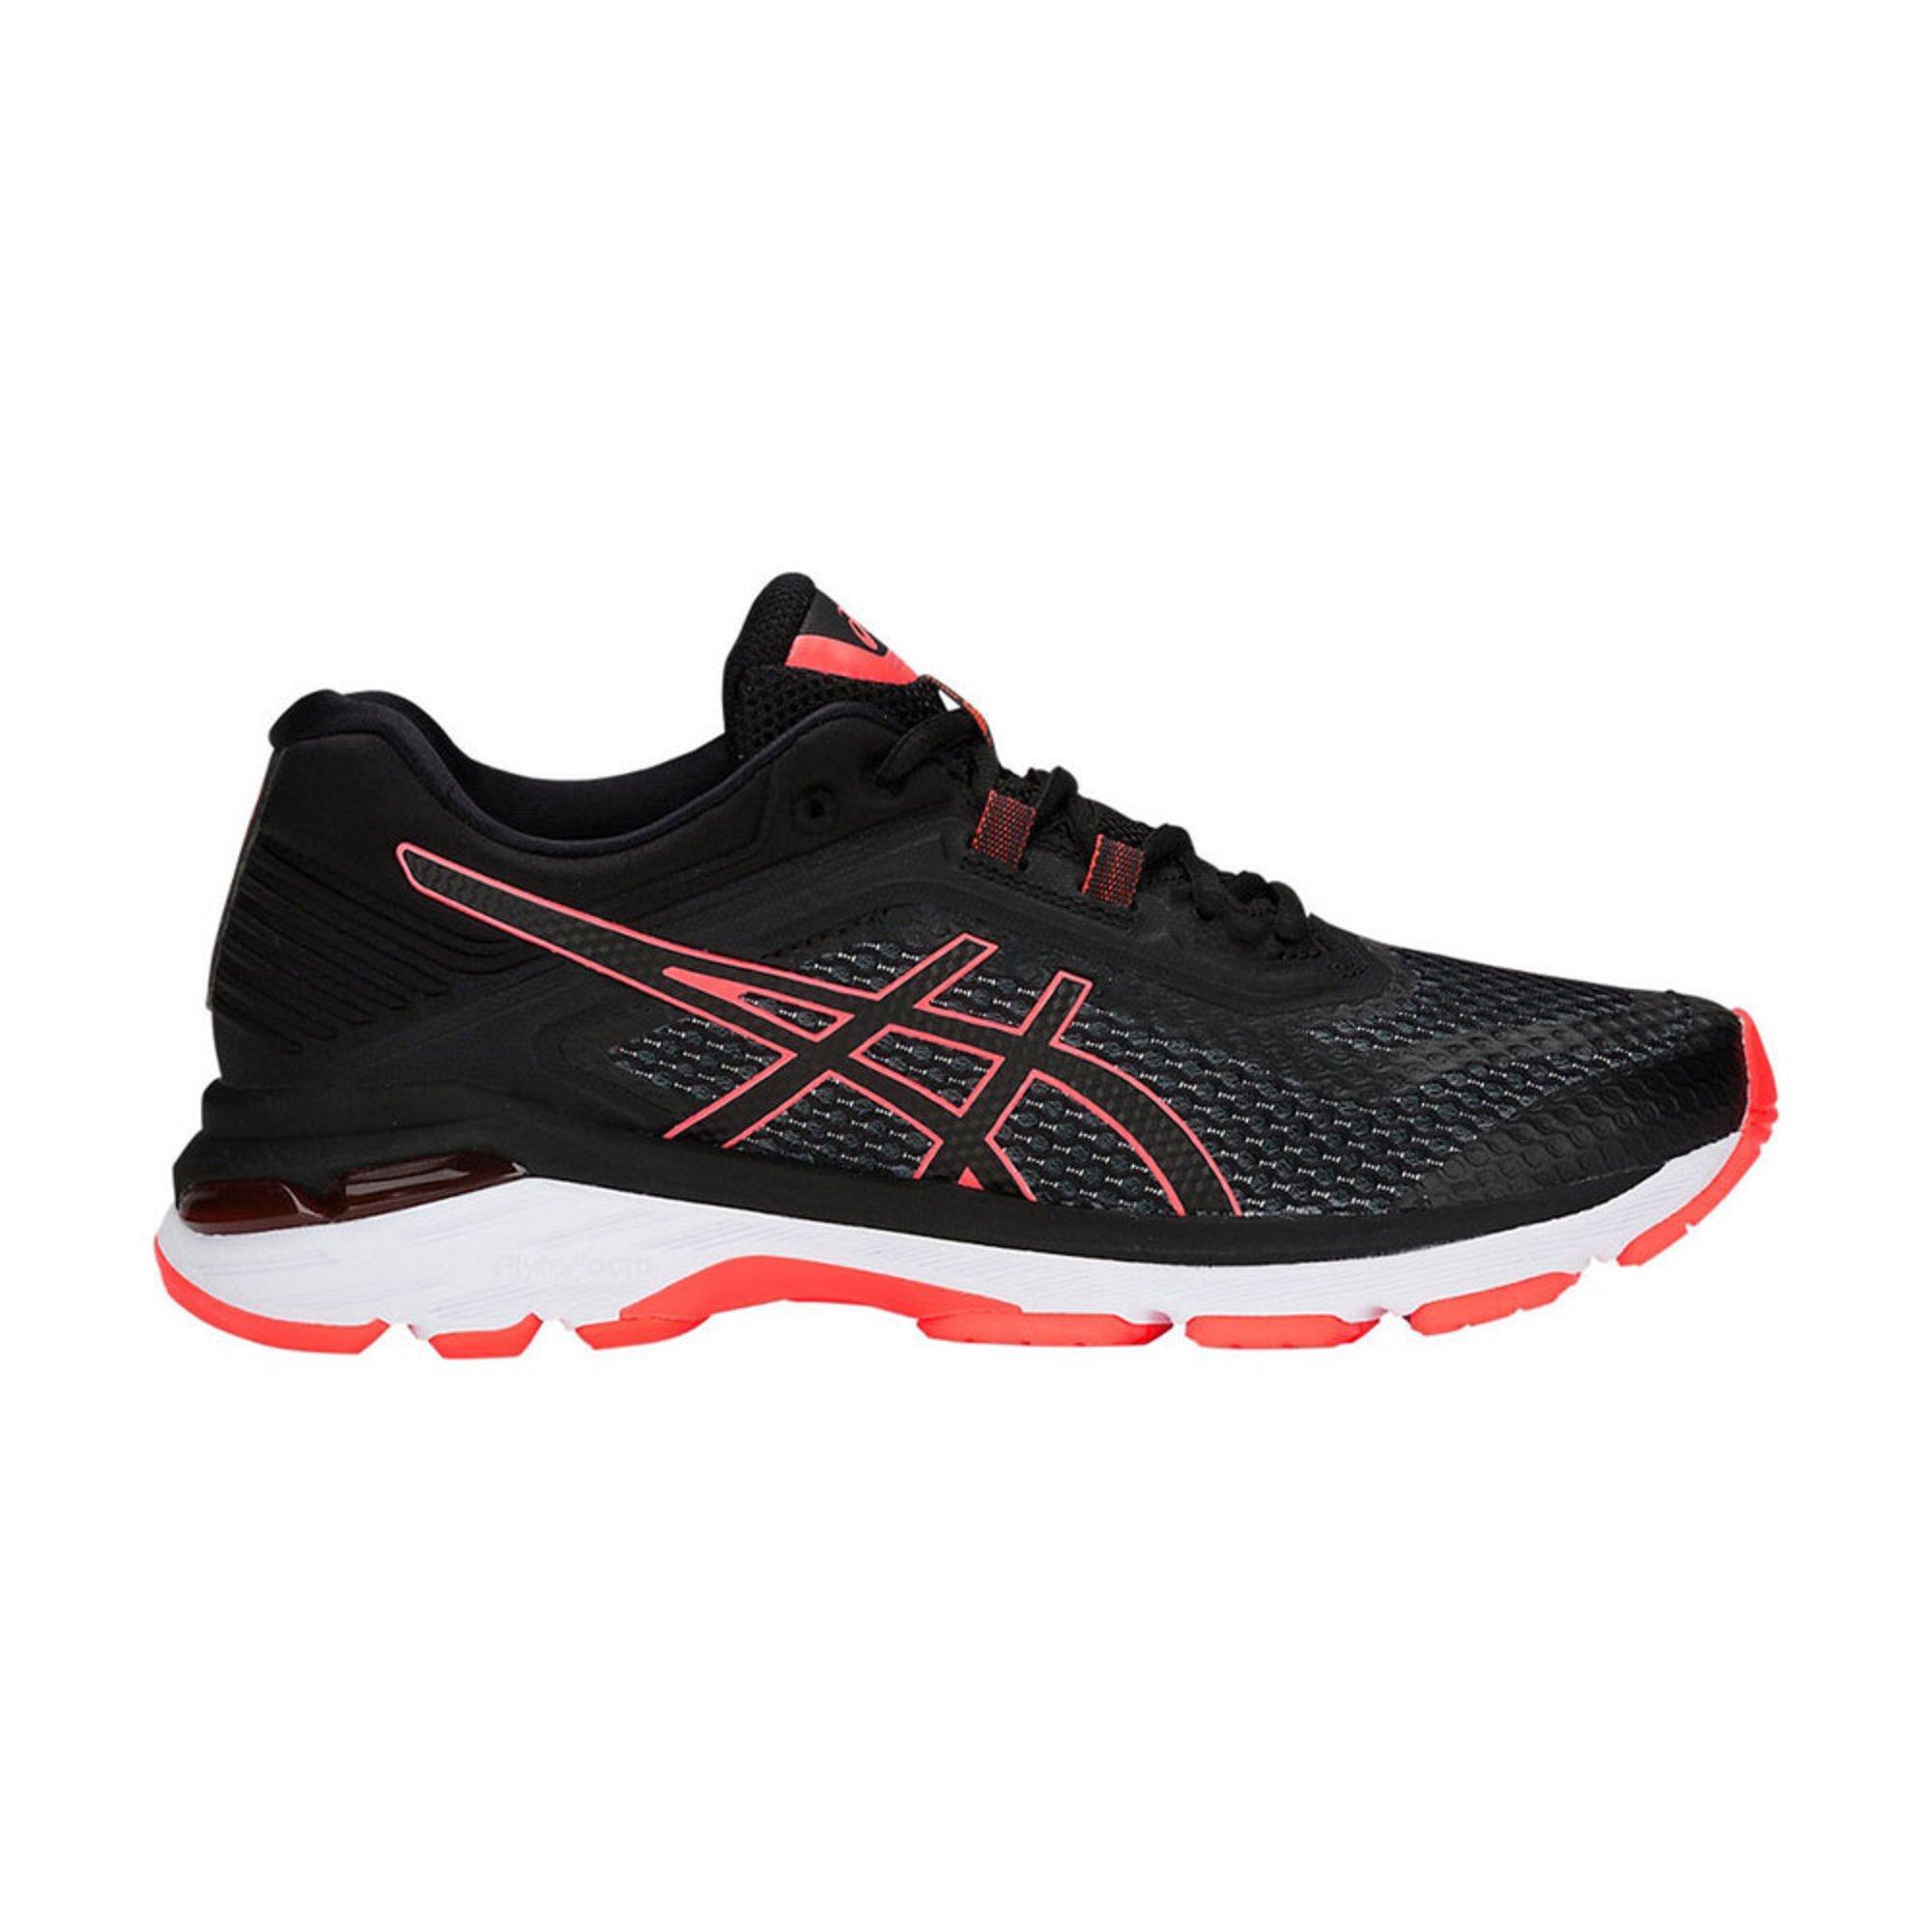 asics gel womens running shoes gt2000